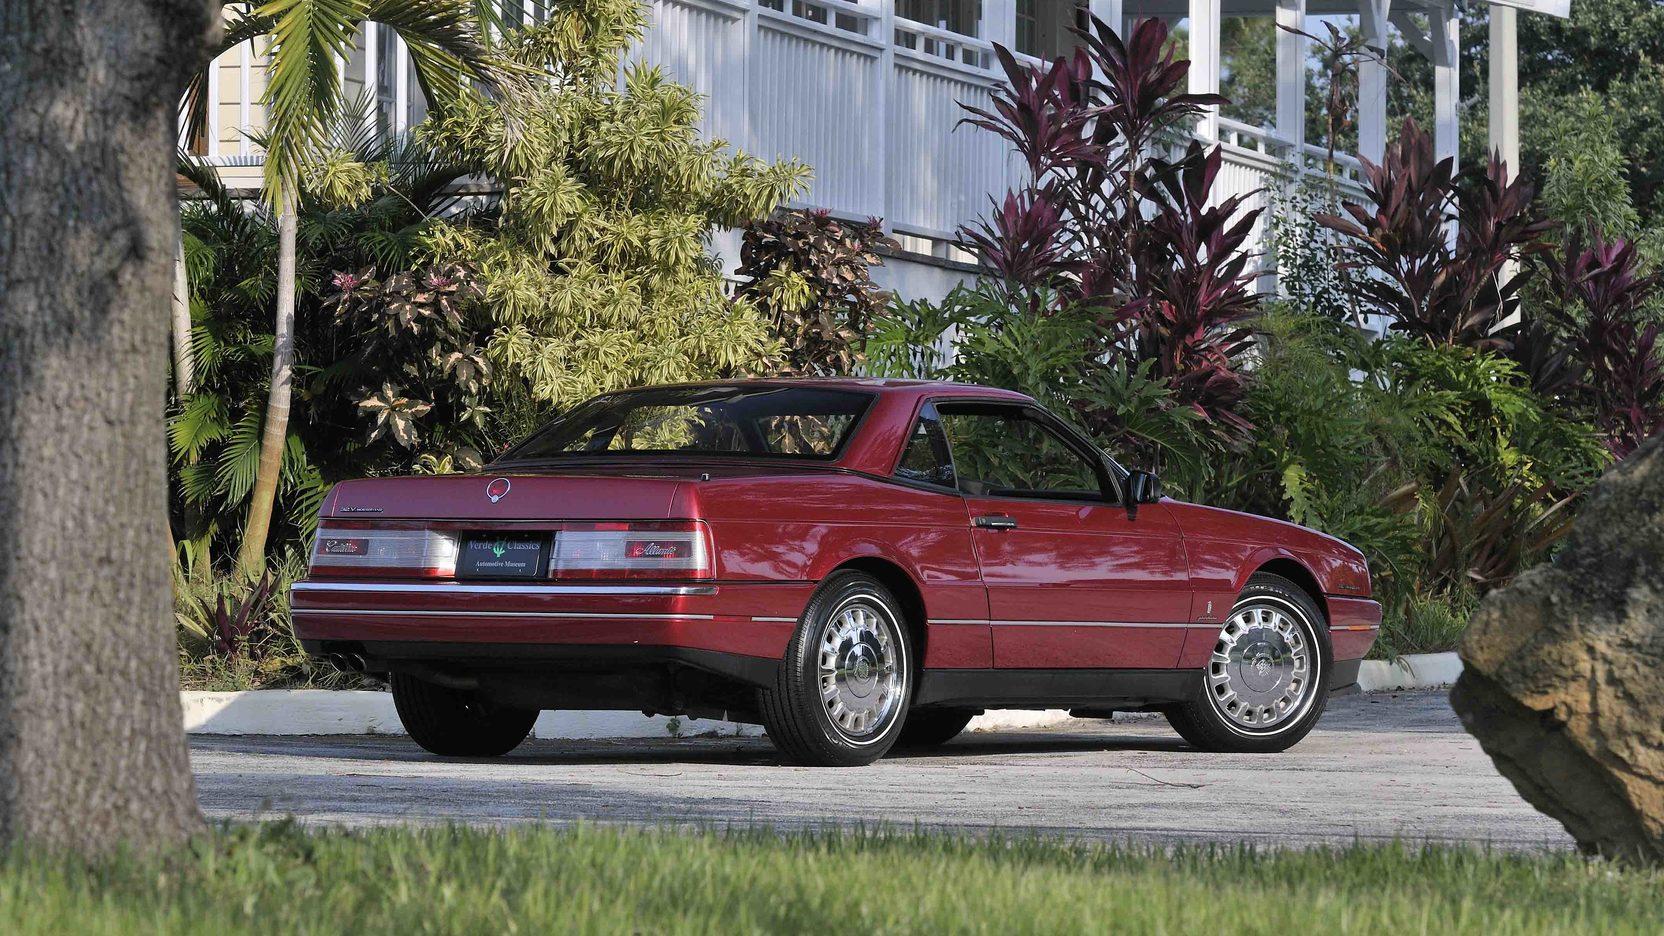 1993 Cadillac Allante rear 3/4